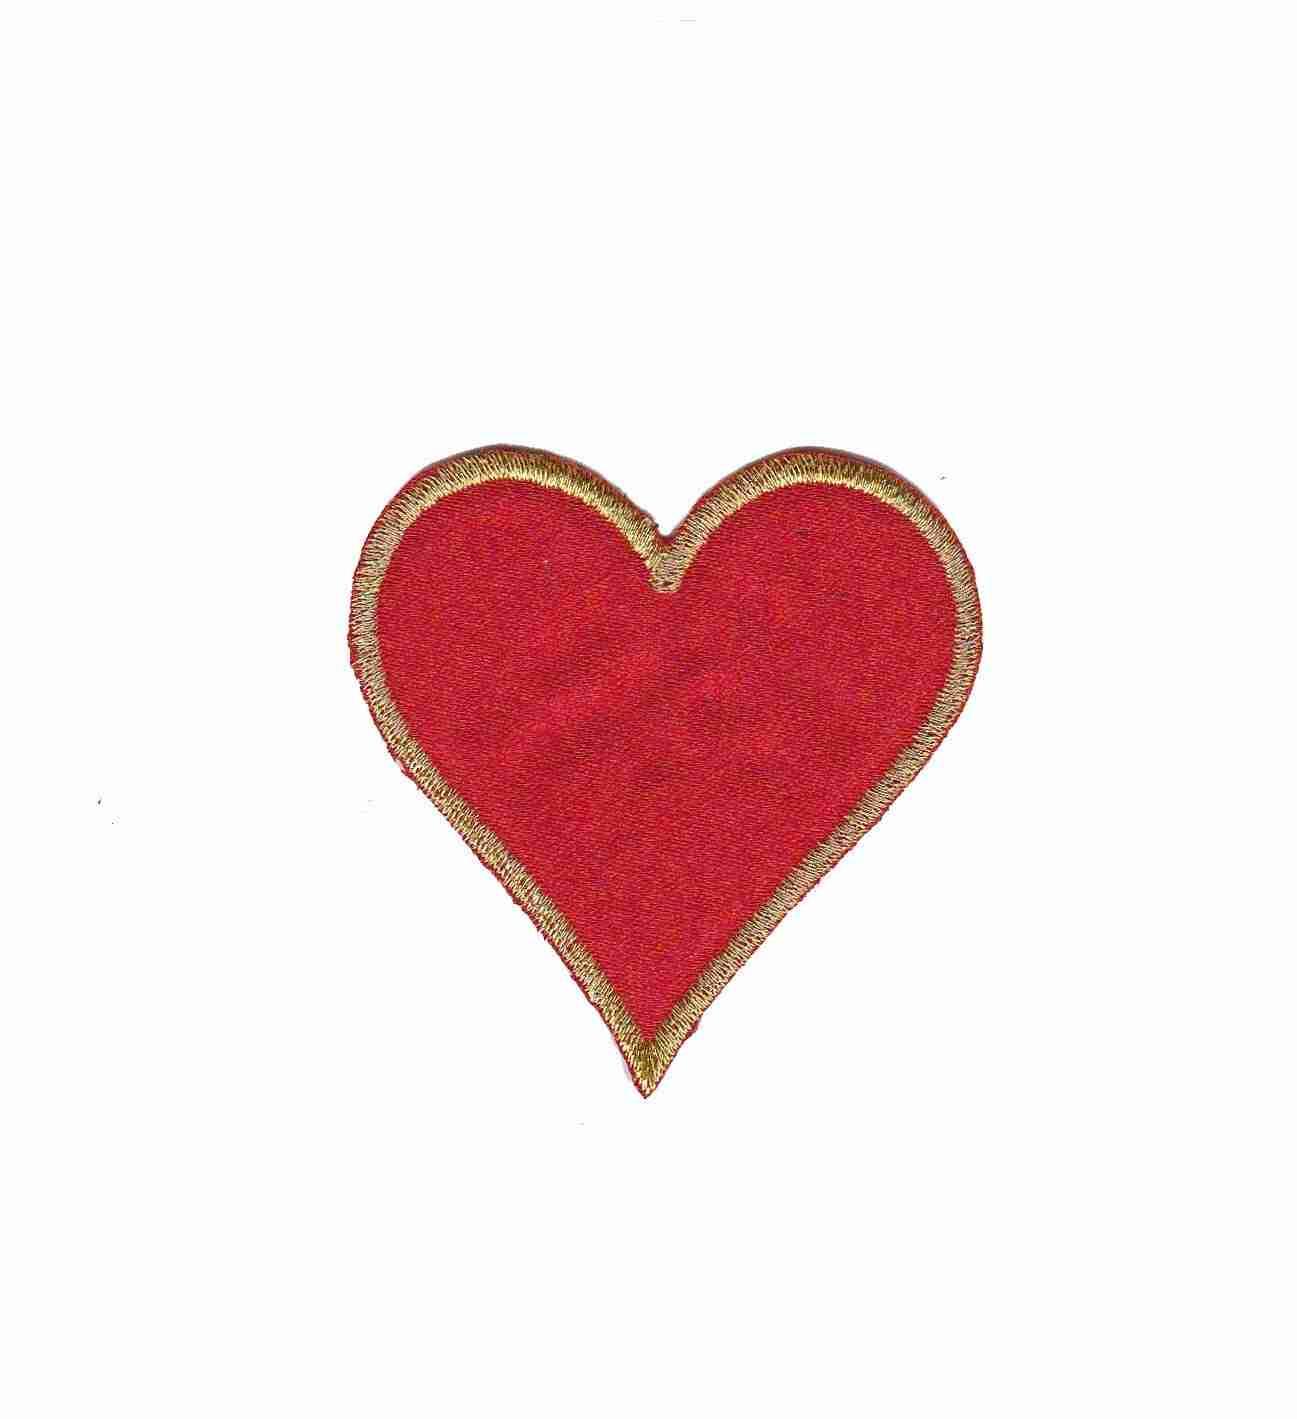 card suit symbols heart iron on patch applique